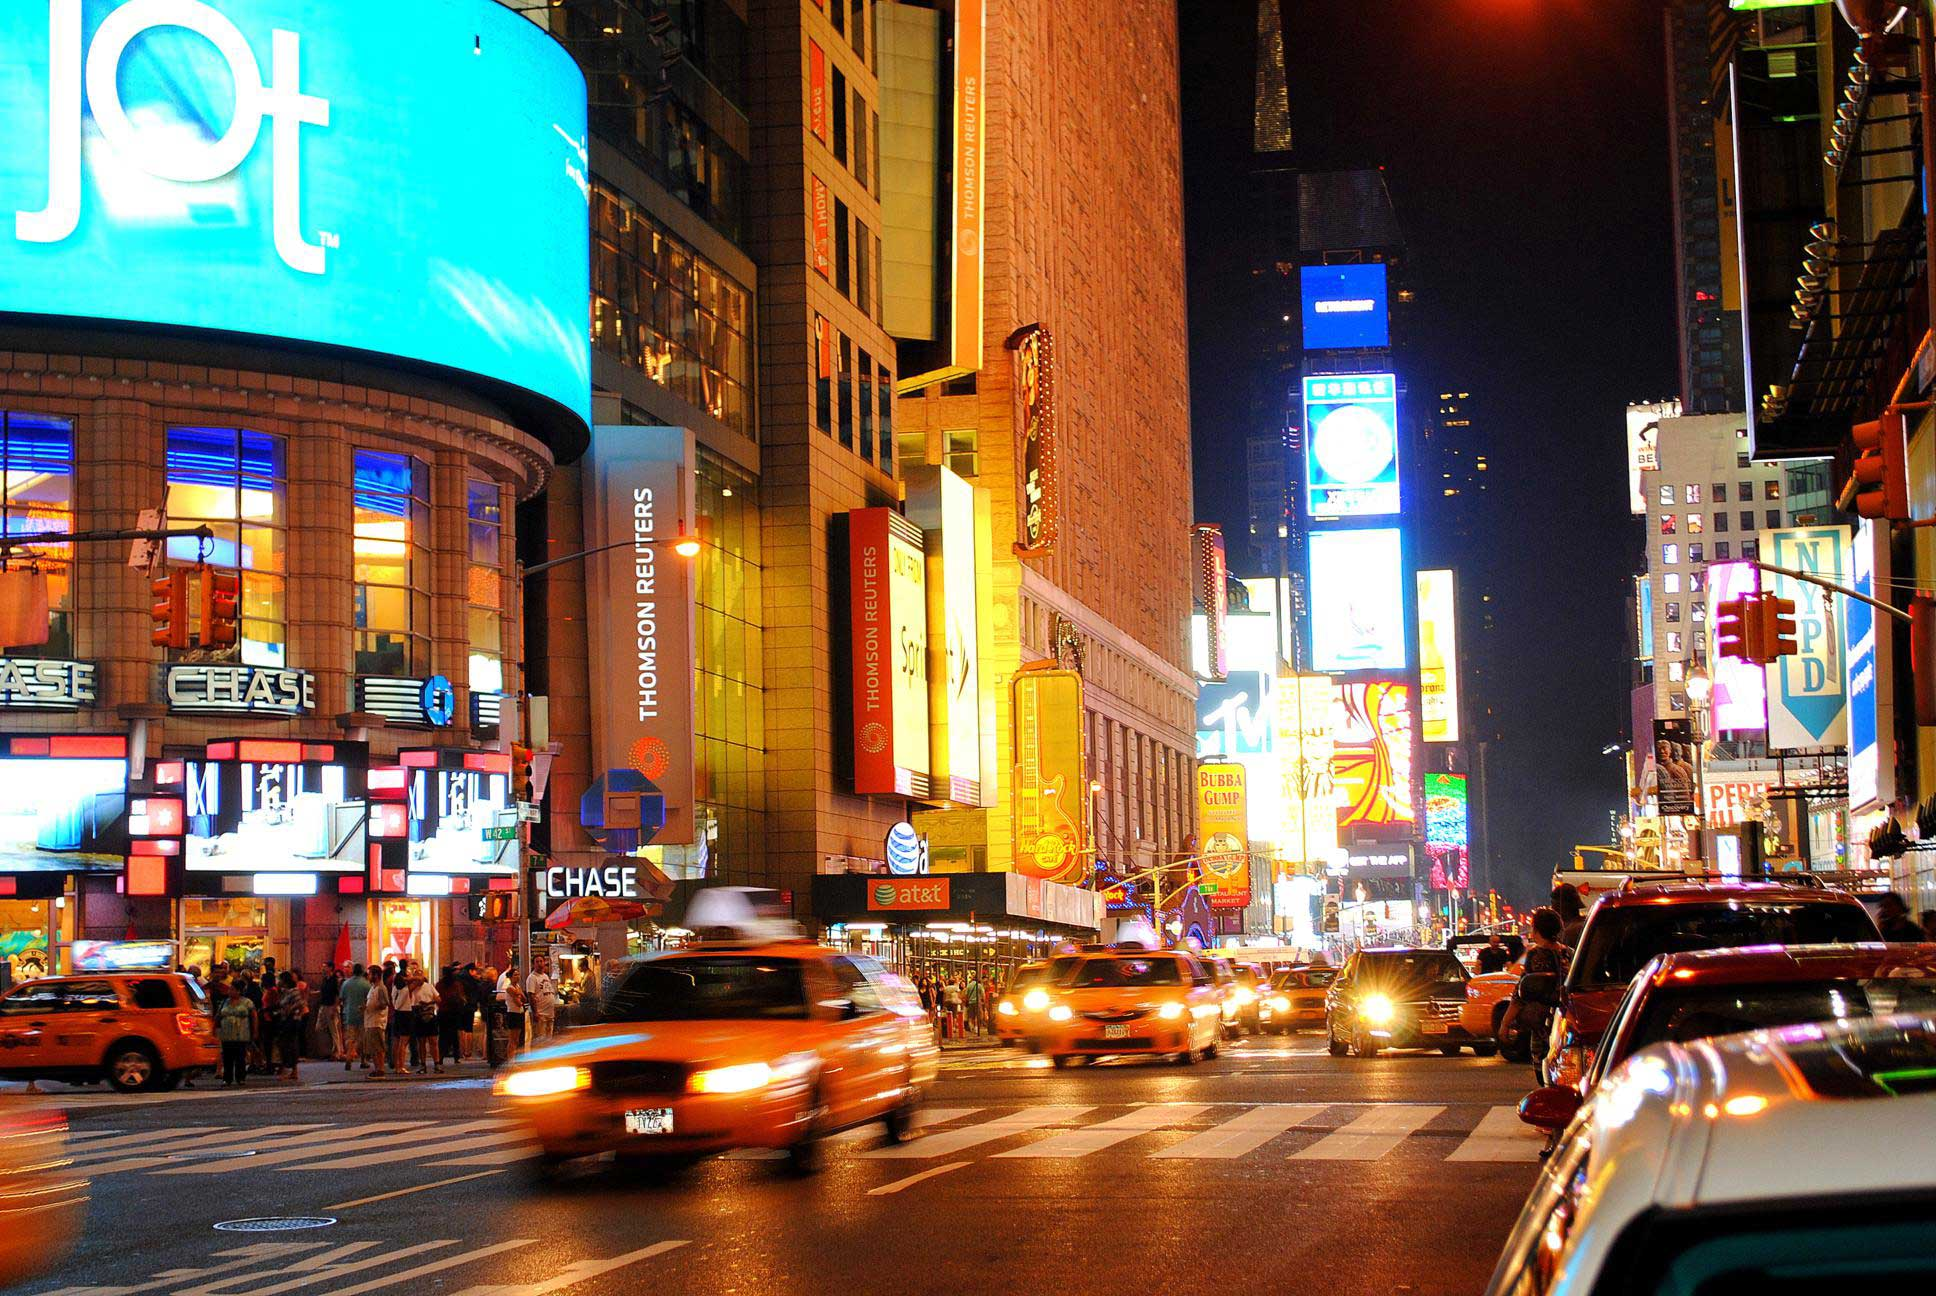 Fiesta de neón en Times Square. Nueva York 2012.